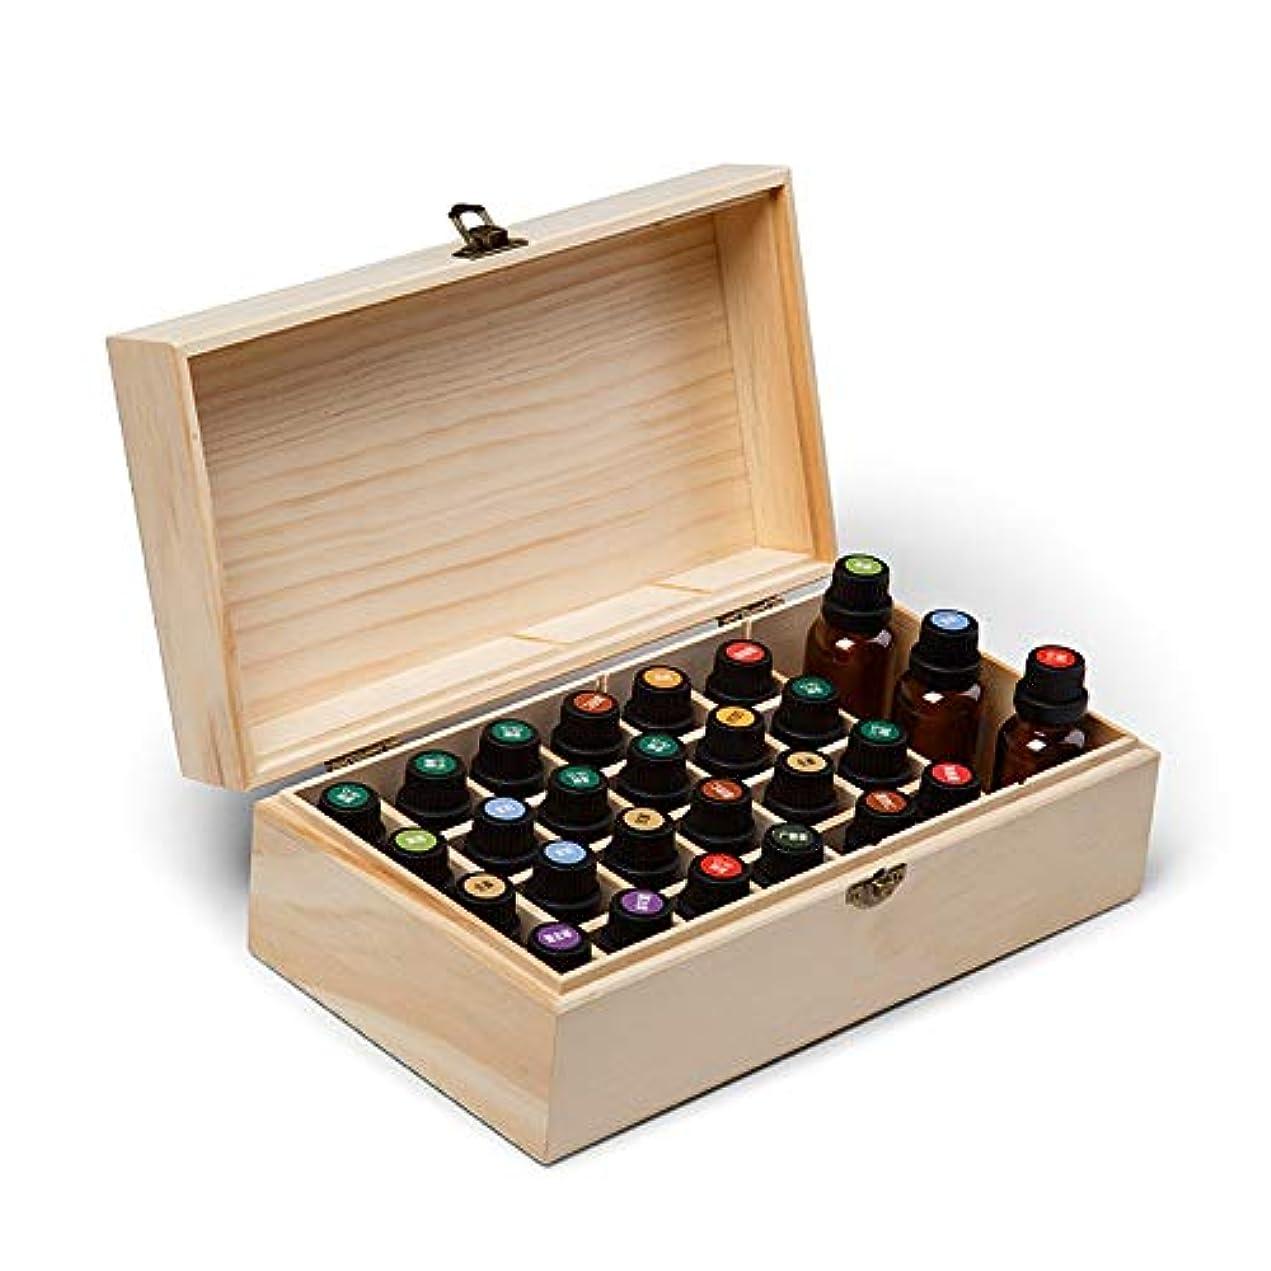 関係するアノイ記念エッセンシャルオイル木箱油収納ケースは、25本のボトルナチュラルパインを開催します アロマセラピー製品 (色 : Natural, サイズ : 27X15X10CM)